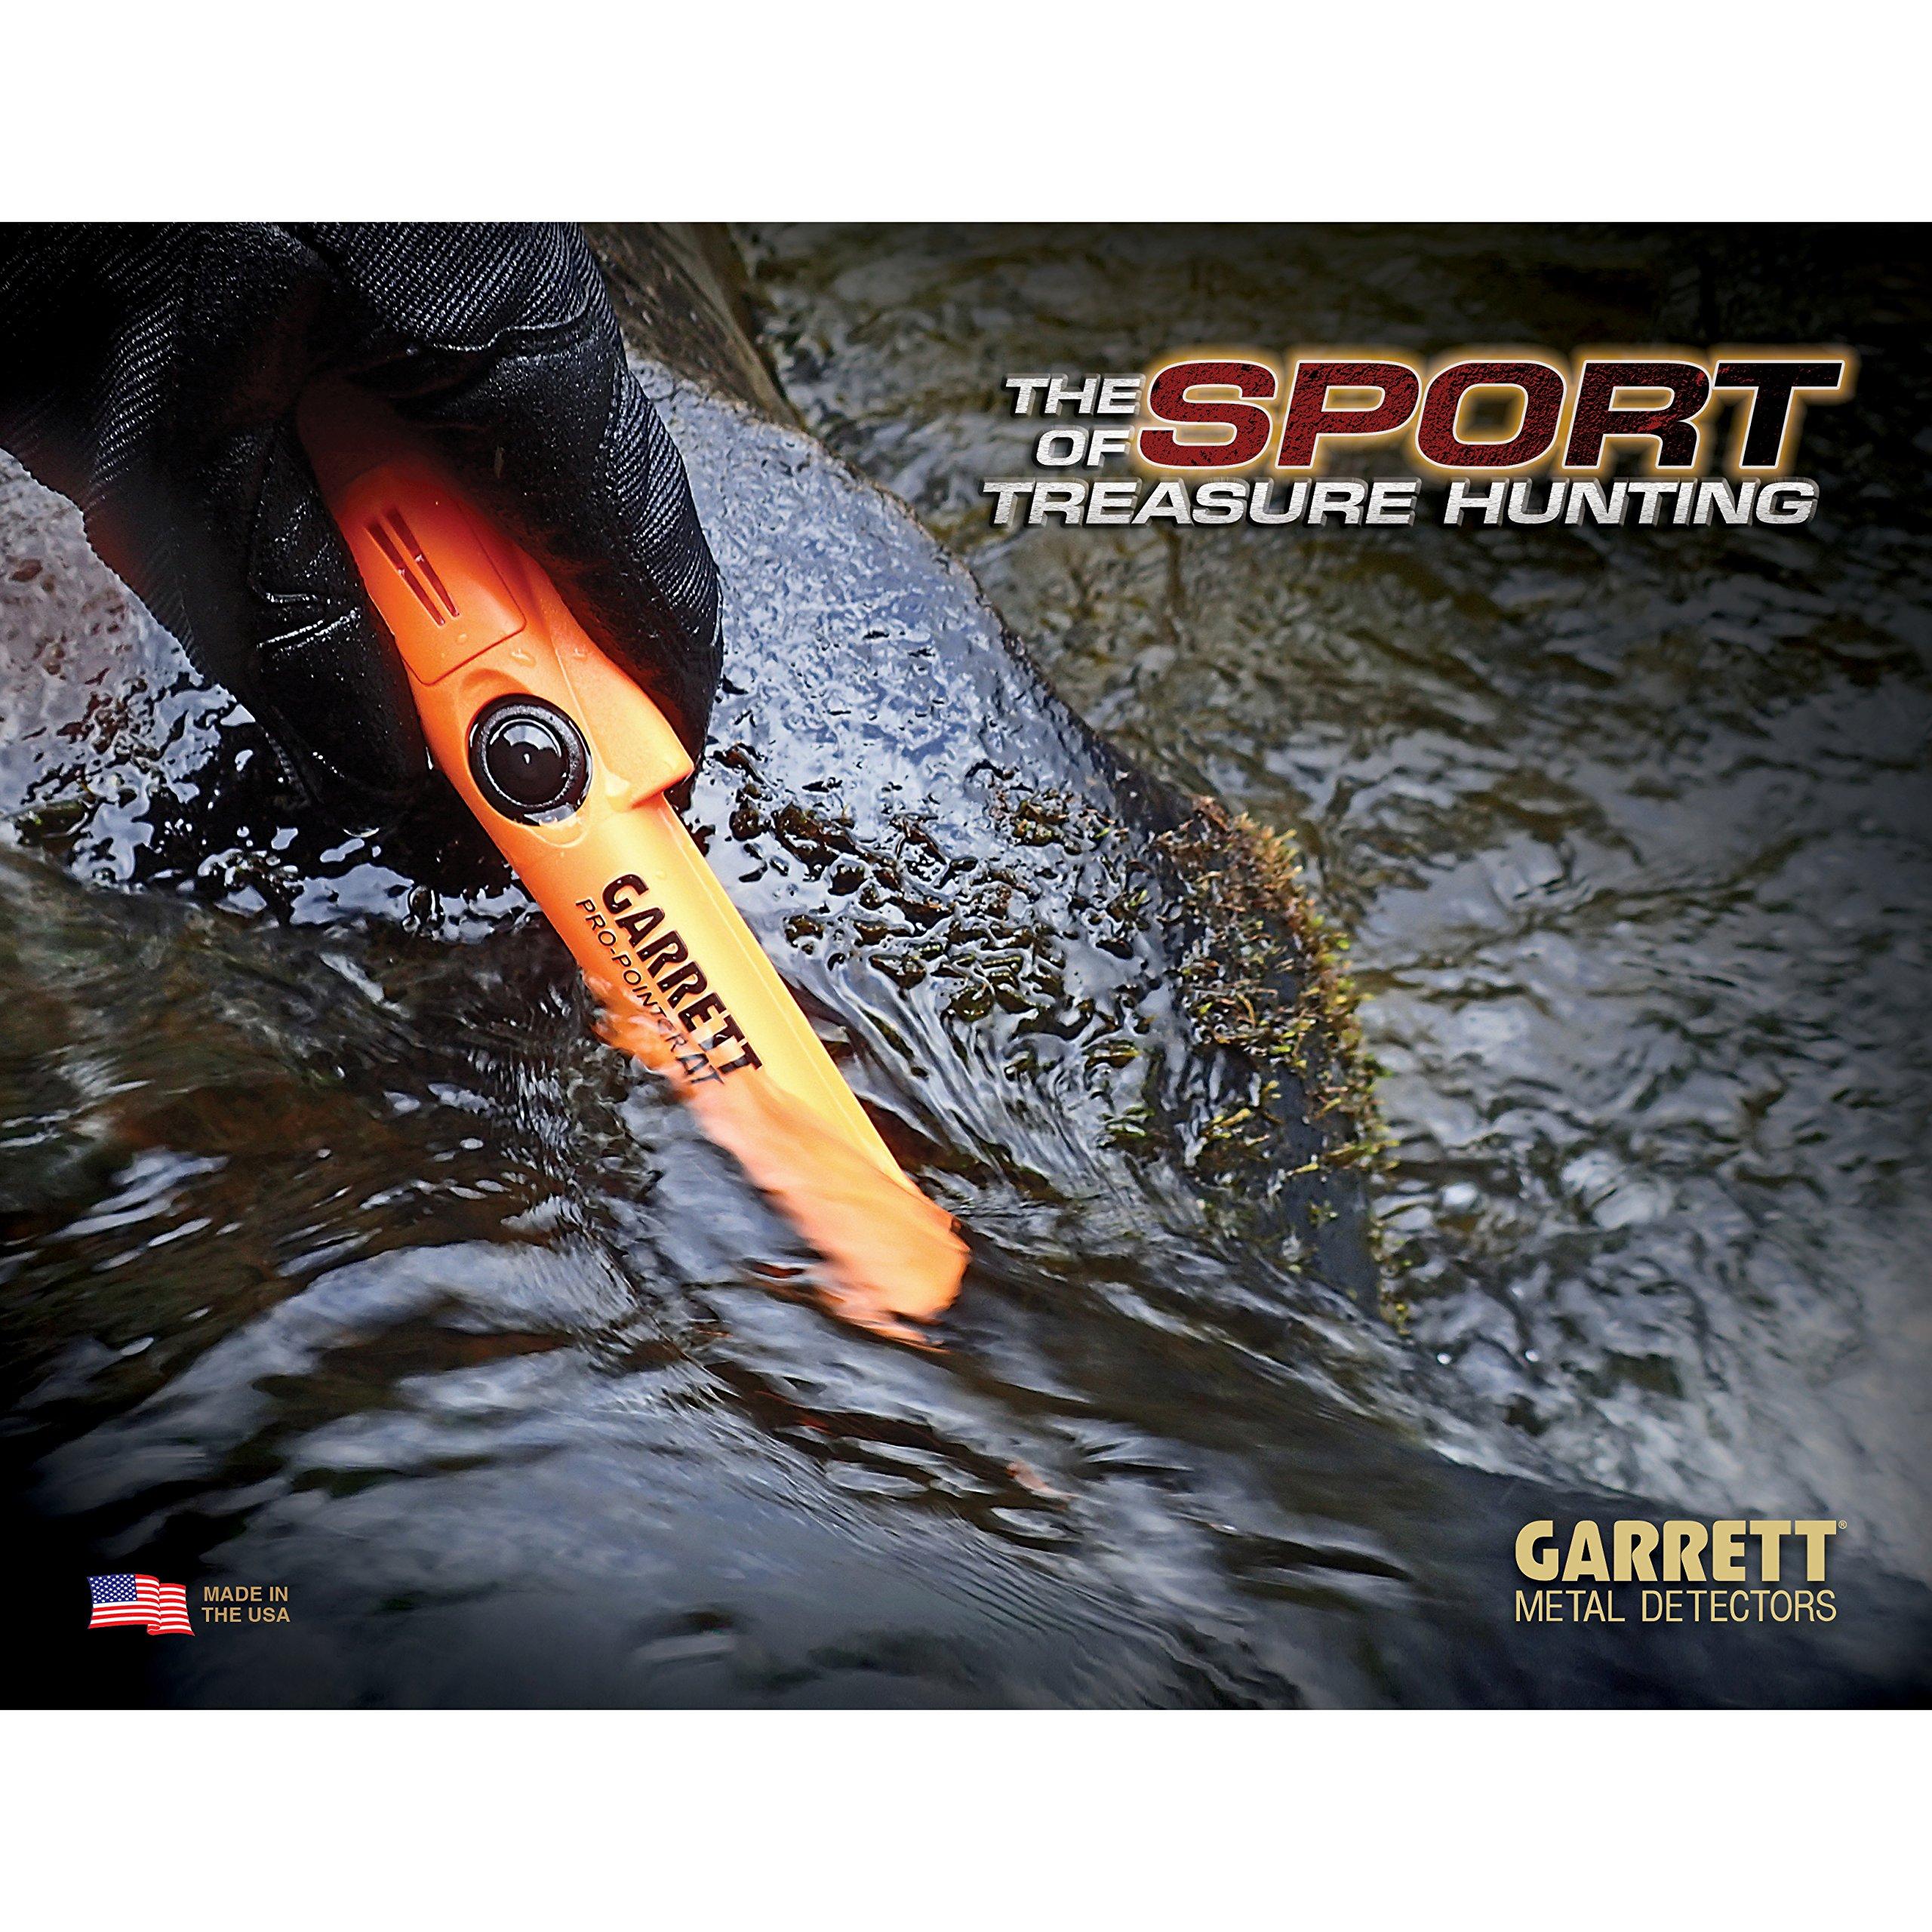 Garrett Pro Pointer ATMetal Detector Waterproof ProPointer with Garrett Camo Pouch by Garrett (Image #4)